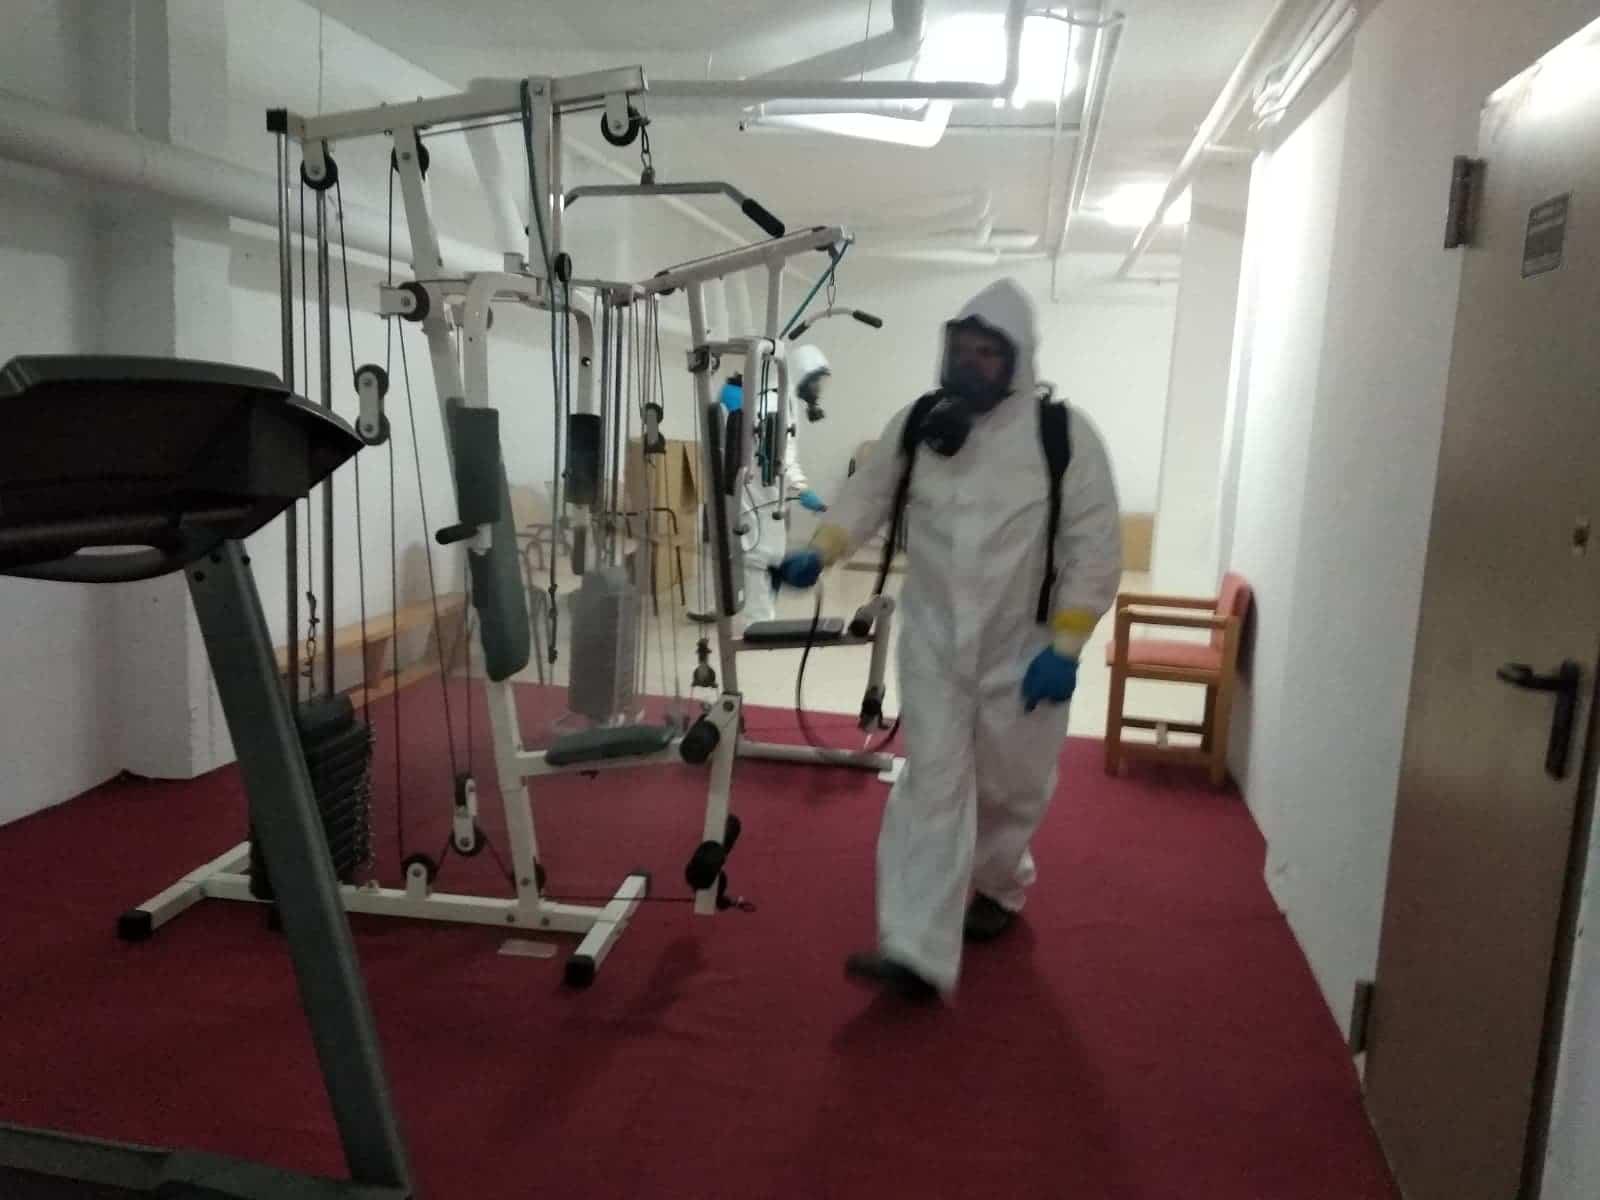 desinfeccion gimansio herencia - Nuevas labores de desinfección en diversas zonas de Herencia